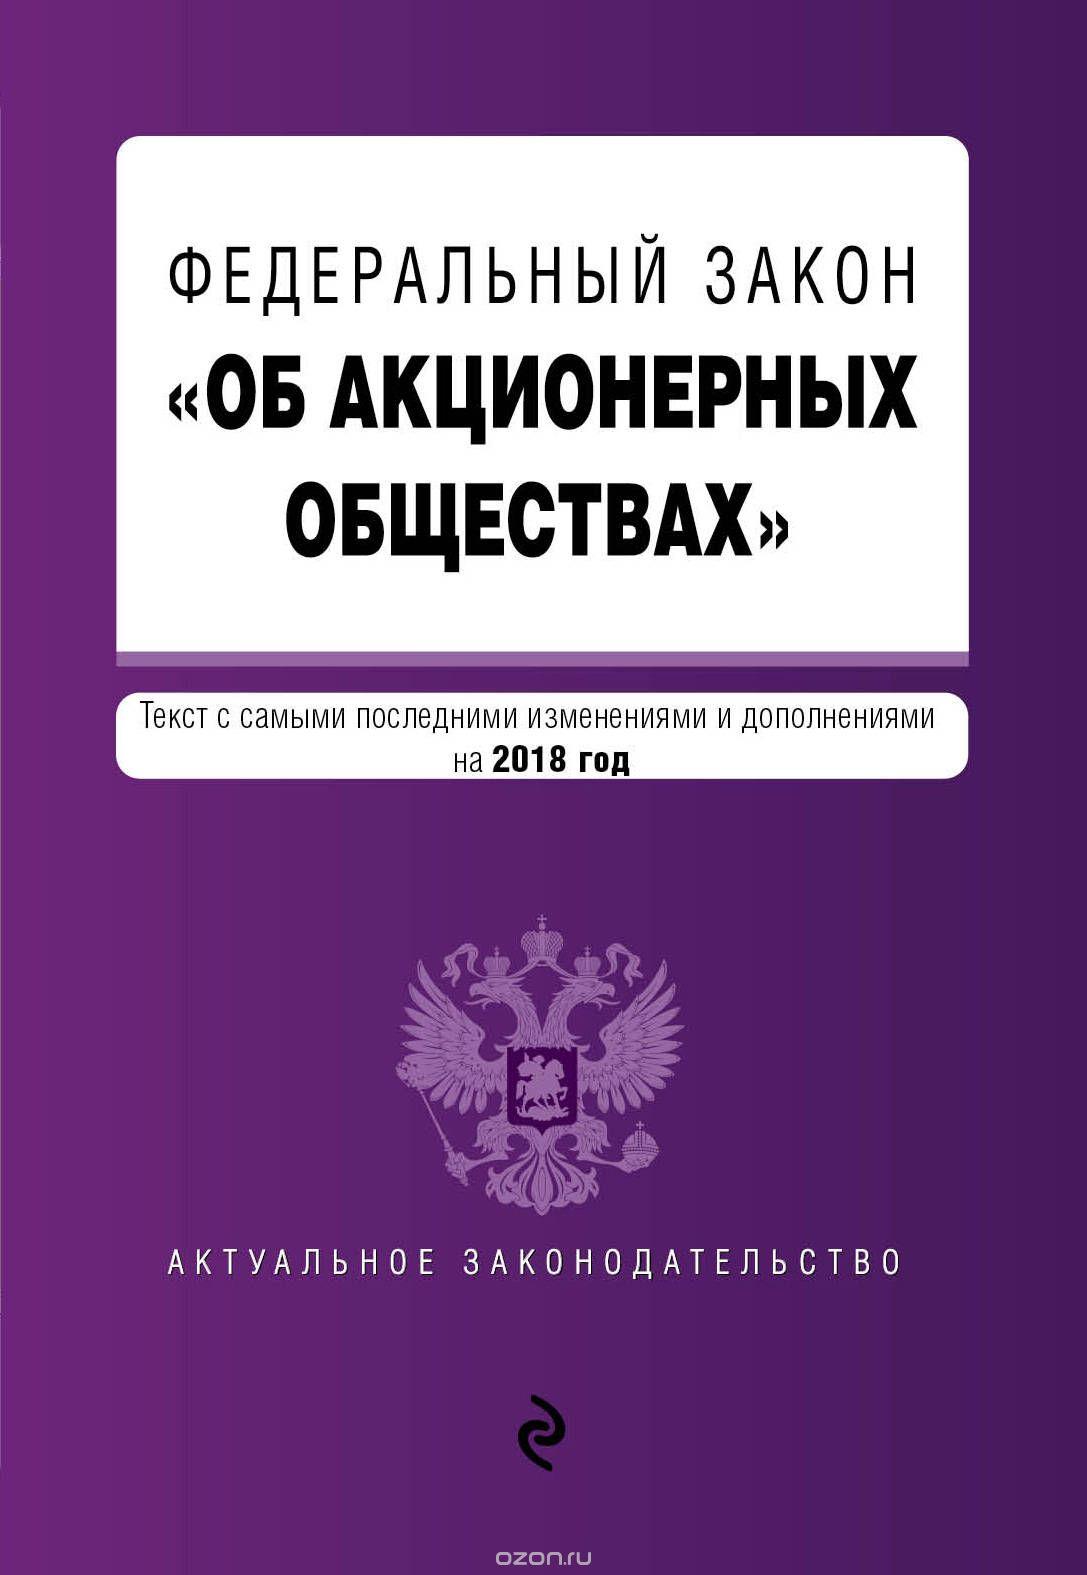 """Федеральный закон """"Об акционерных обществах"""".  Текст с изменениями и дополнениями на 2018 год"""